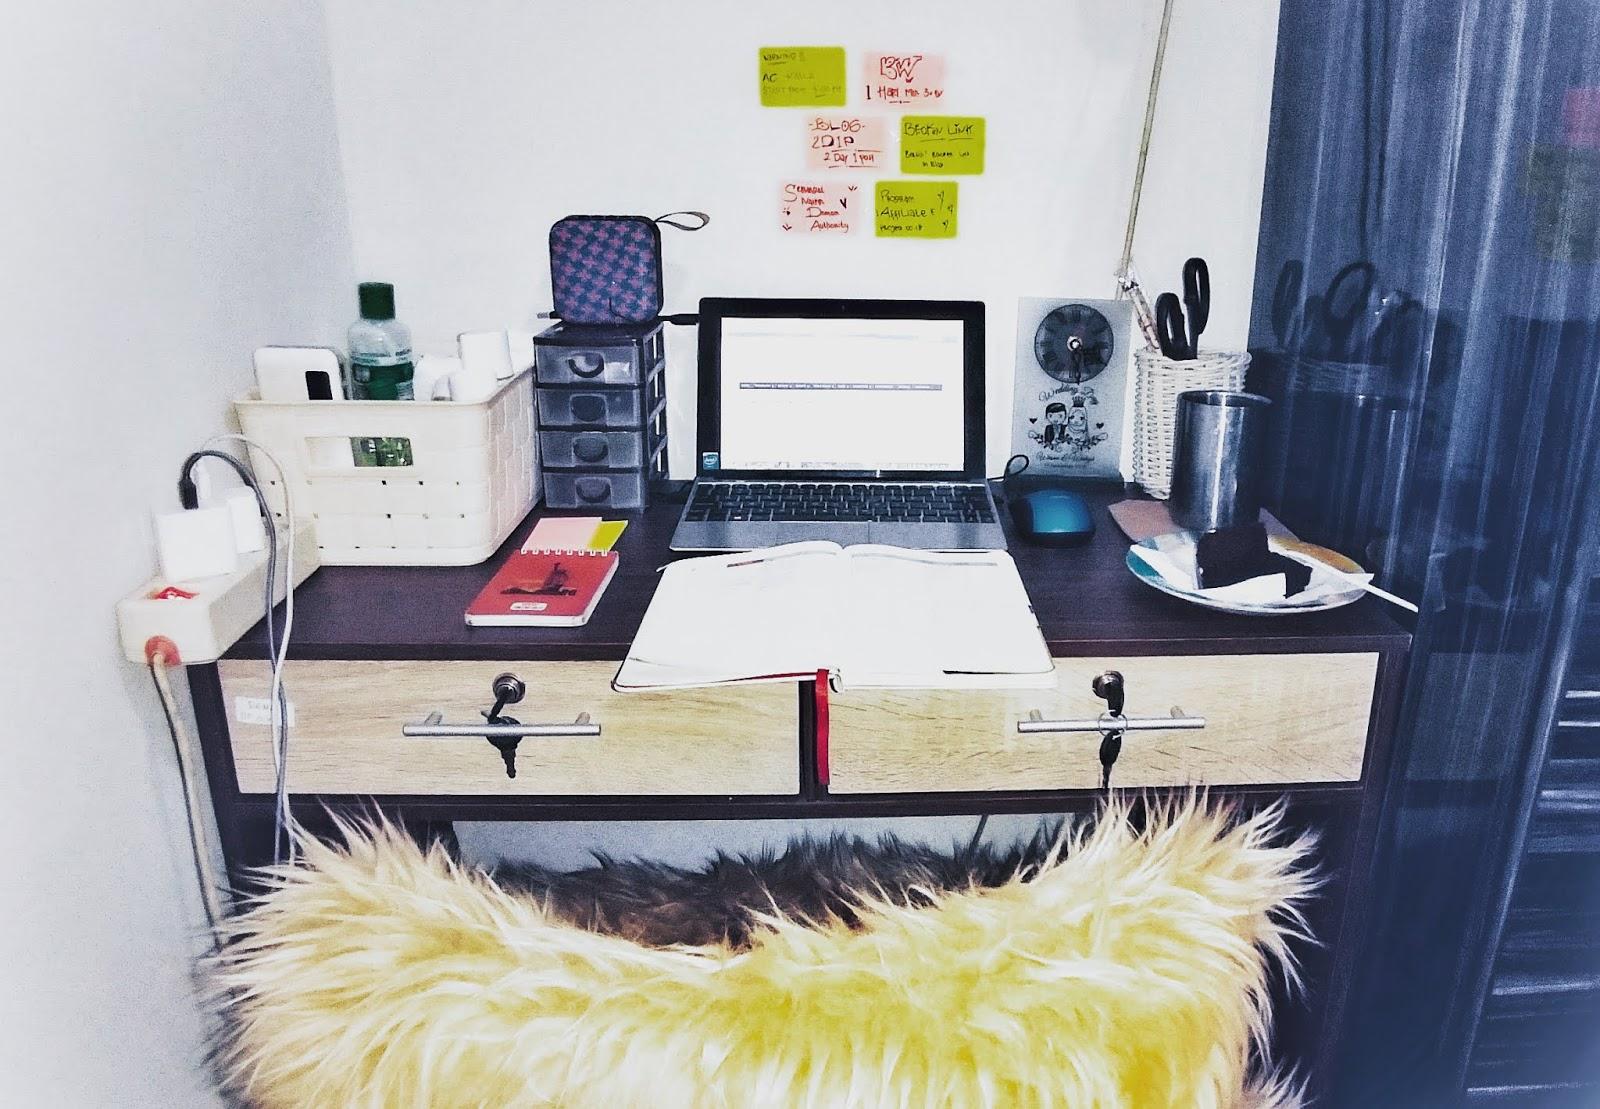 Manfaat Dan Tips Membuat Workspace Pribadi Yang Nyaman di Kamar